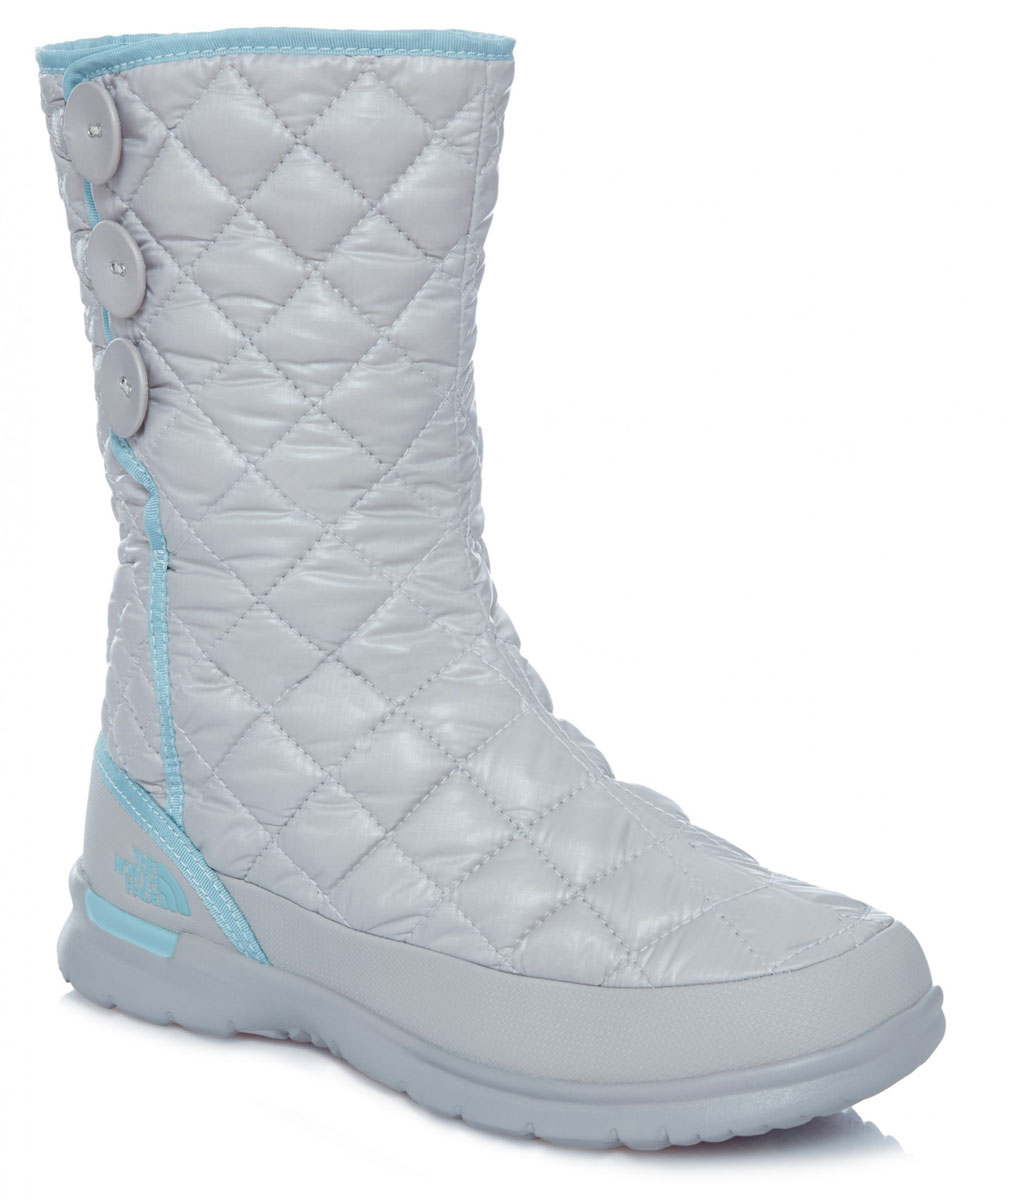 Сапоги женские The North Face W Thrmoball Button Up, цвет: серый. T92T5KNLT. Размер 8 (38)T92T5KNLTЛегкие и удобные стильные сапоги на пуговицах с регулируемым подгибом обеспечивают комфорт и великолепный внешний вид. Утеплитель Thermoball™ сохраняет тепло ног на снежной тропе, а благодаря протекторам IcePick®, вы никогда не поскользнетесь на обратном пути к лагерю. Стелька OrthoLite® ReBound и регулируемая посадка с флисовой подкладкой обеспечивают максимальный комфорт.